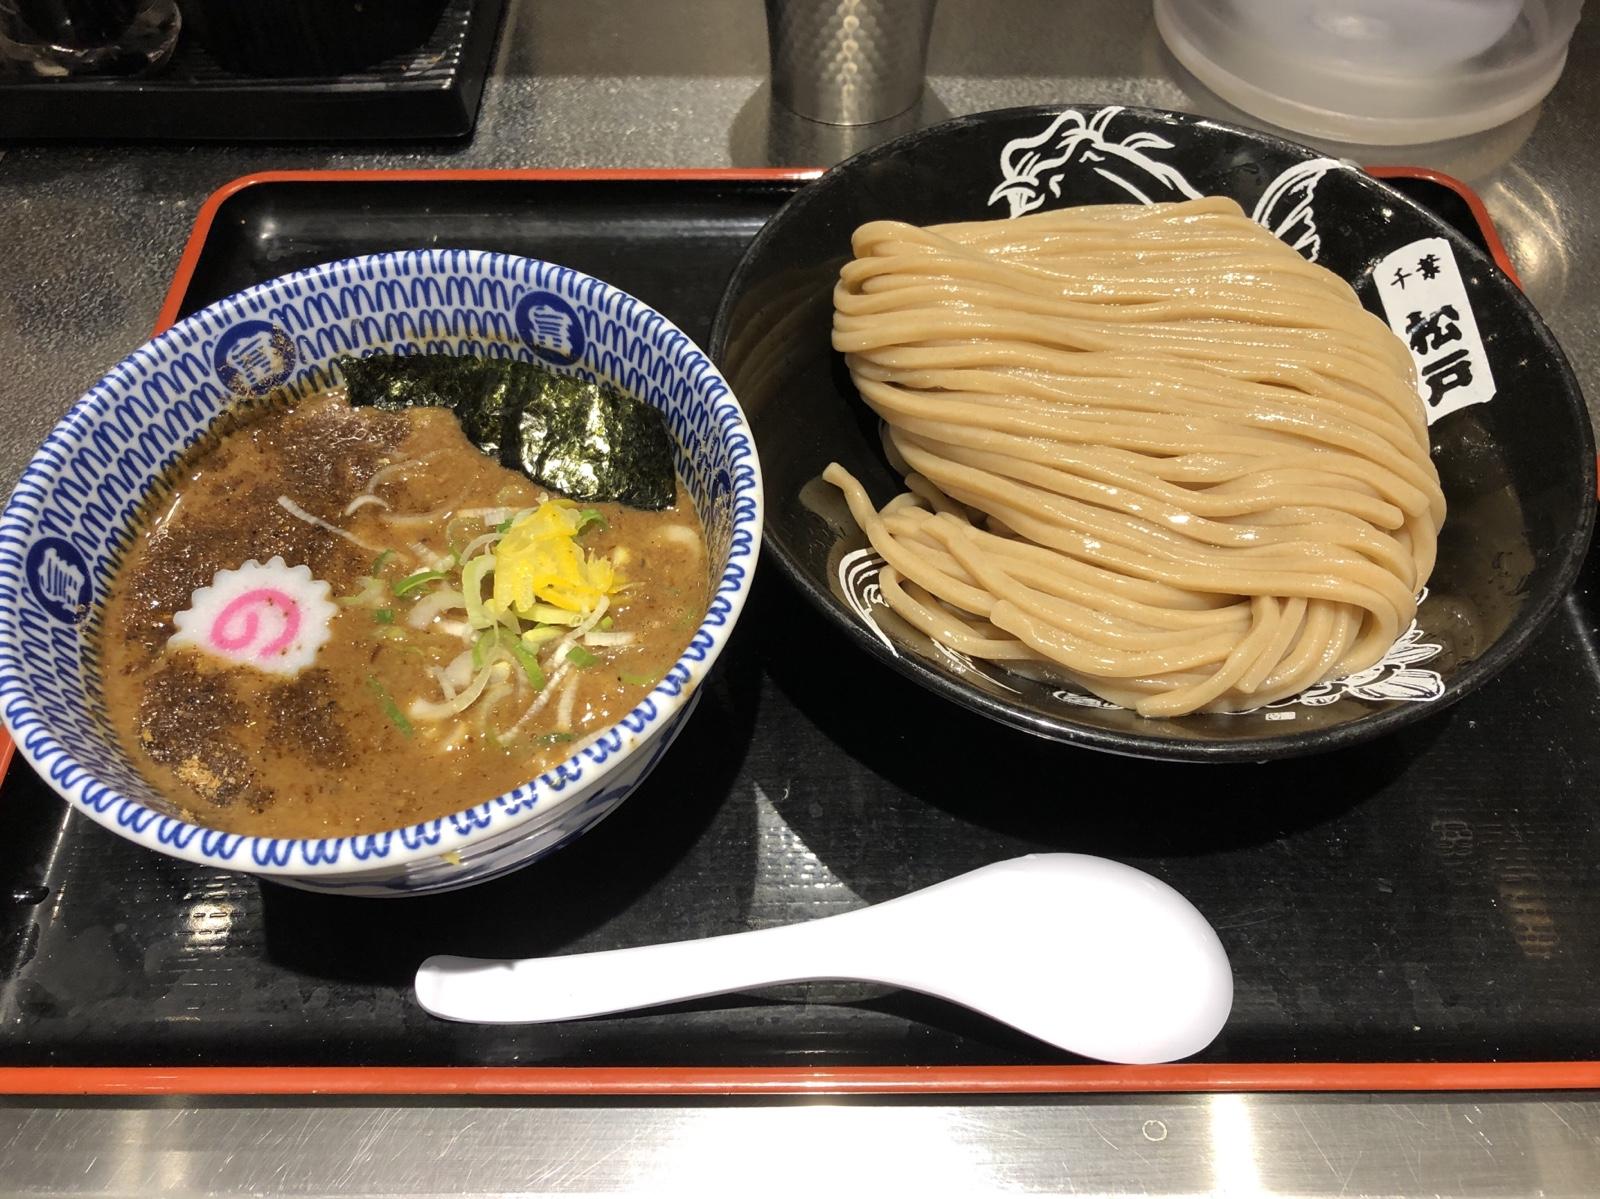 行列しても食べたい至福のつけ麺!「松戸富田麺絆」KITTE丸の内